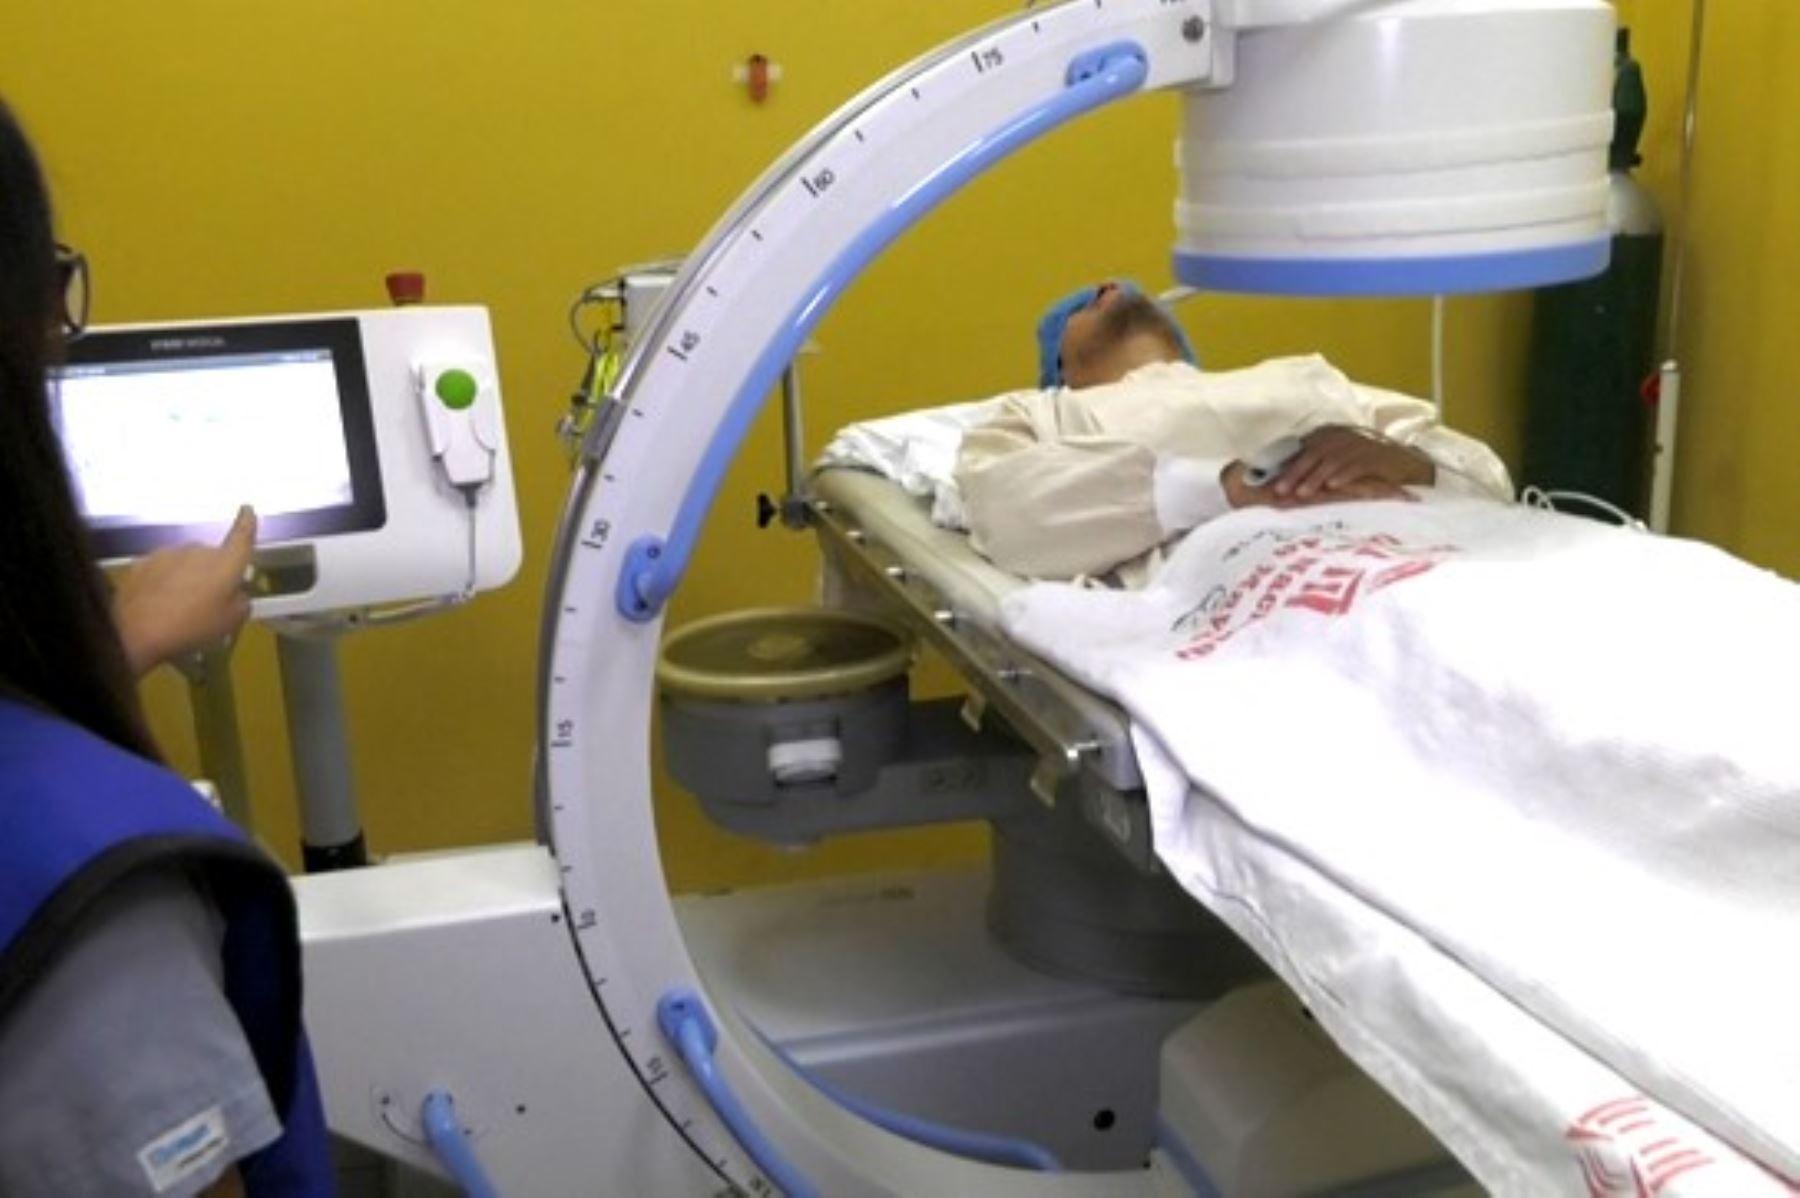 El Hospital Dos de Mayo se moderniza más en el área de urología, ahora puede desaparecer cálculos renales o biliares con cirugía no invasiva.